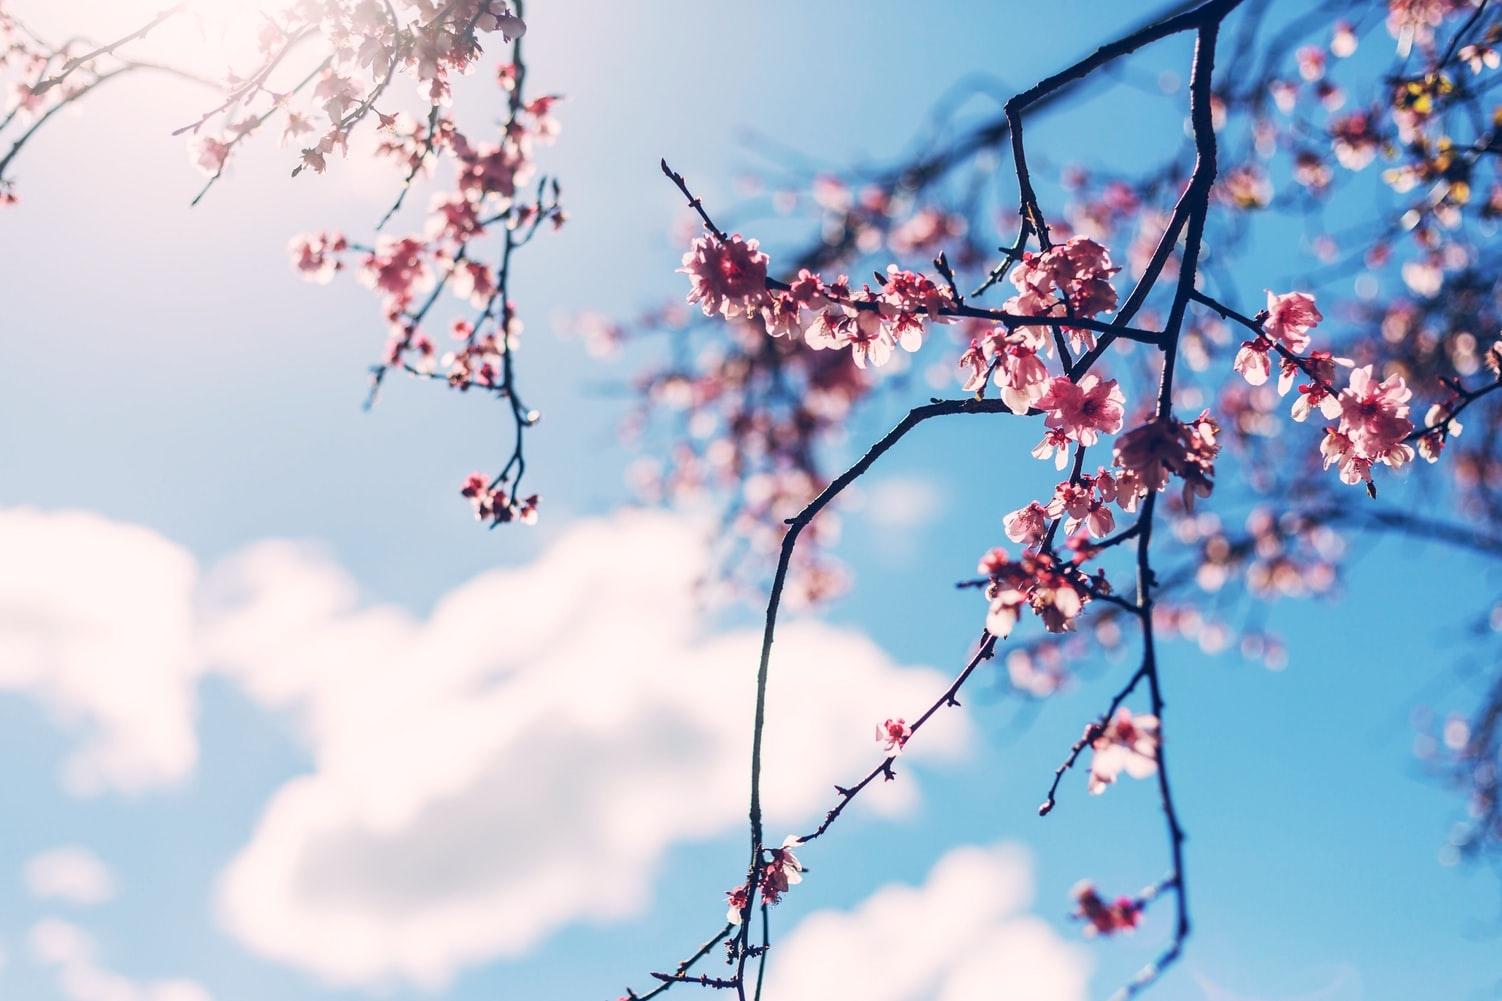 春の暖かさに気分は上がりまくり